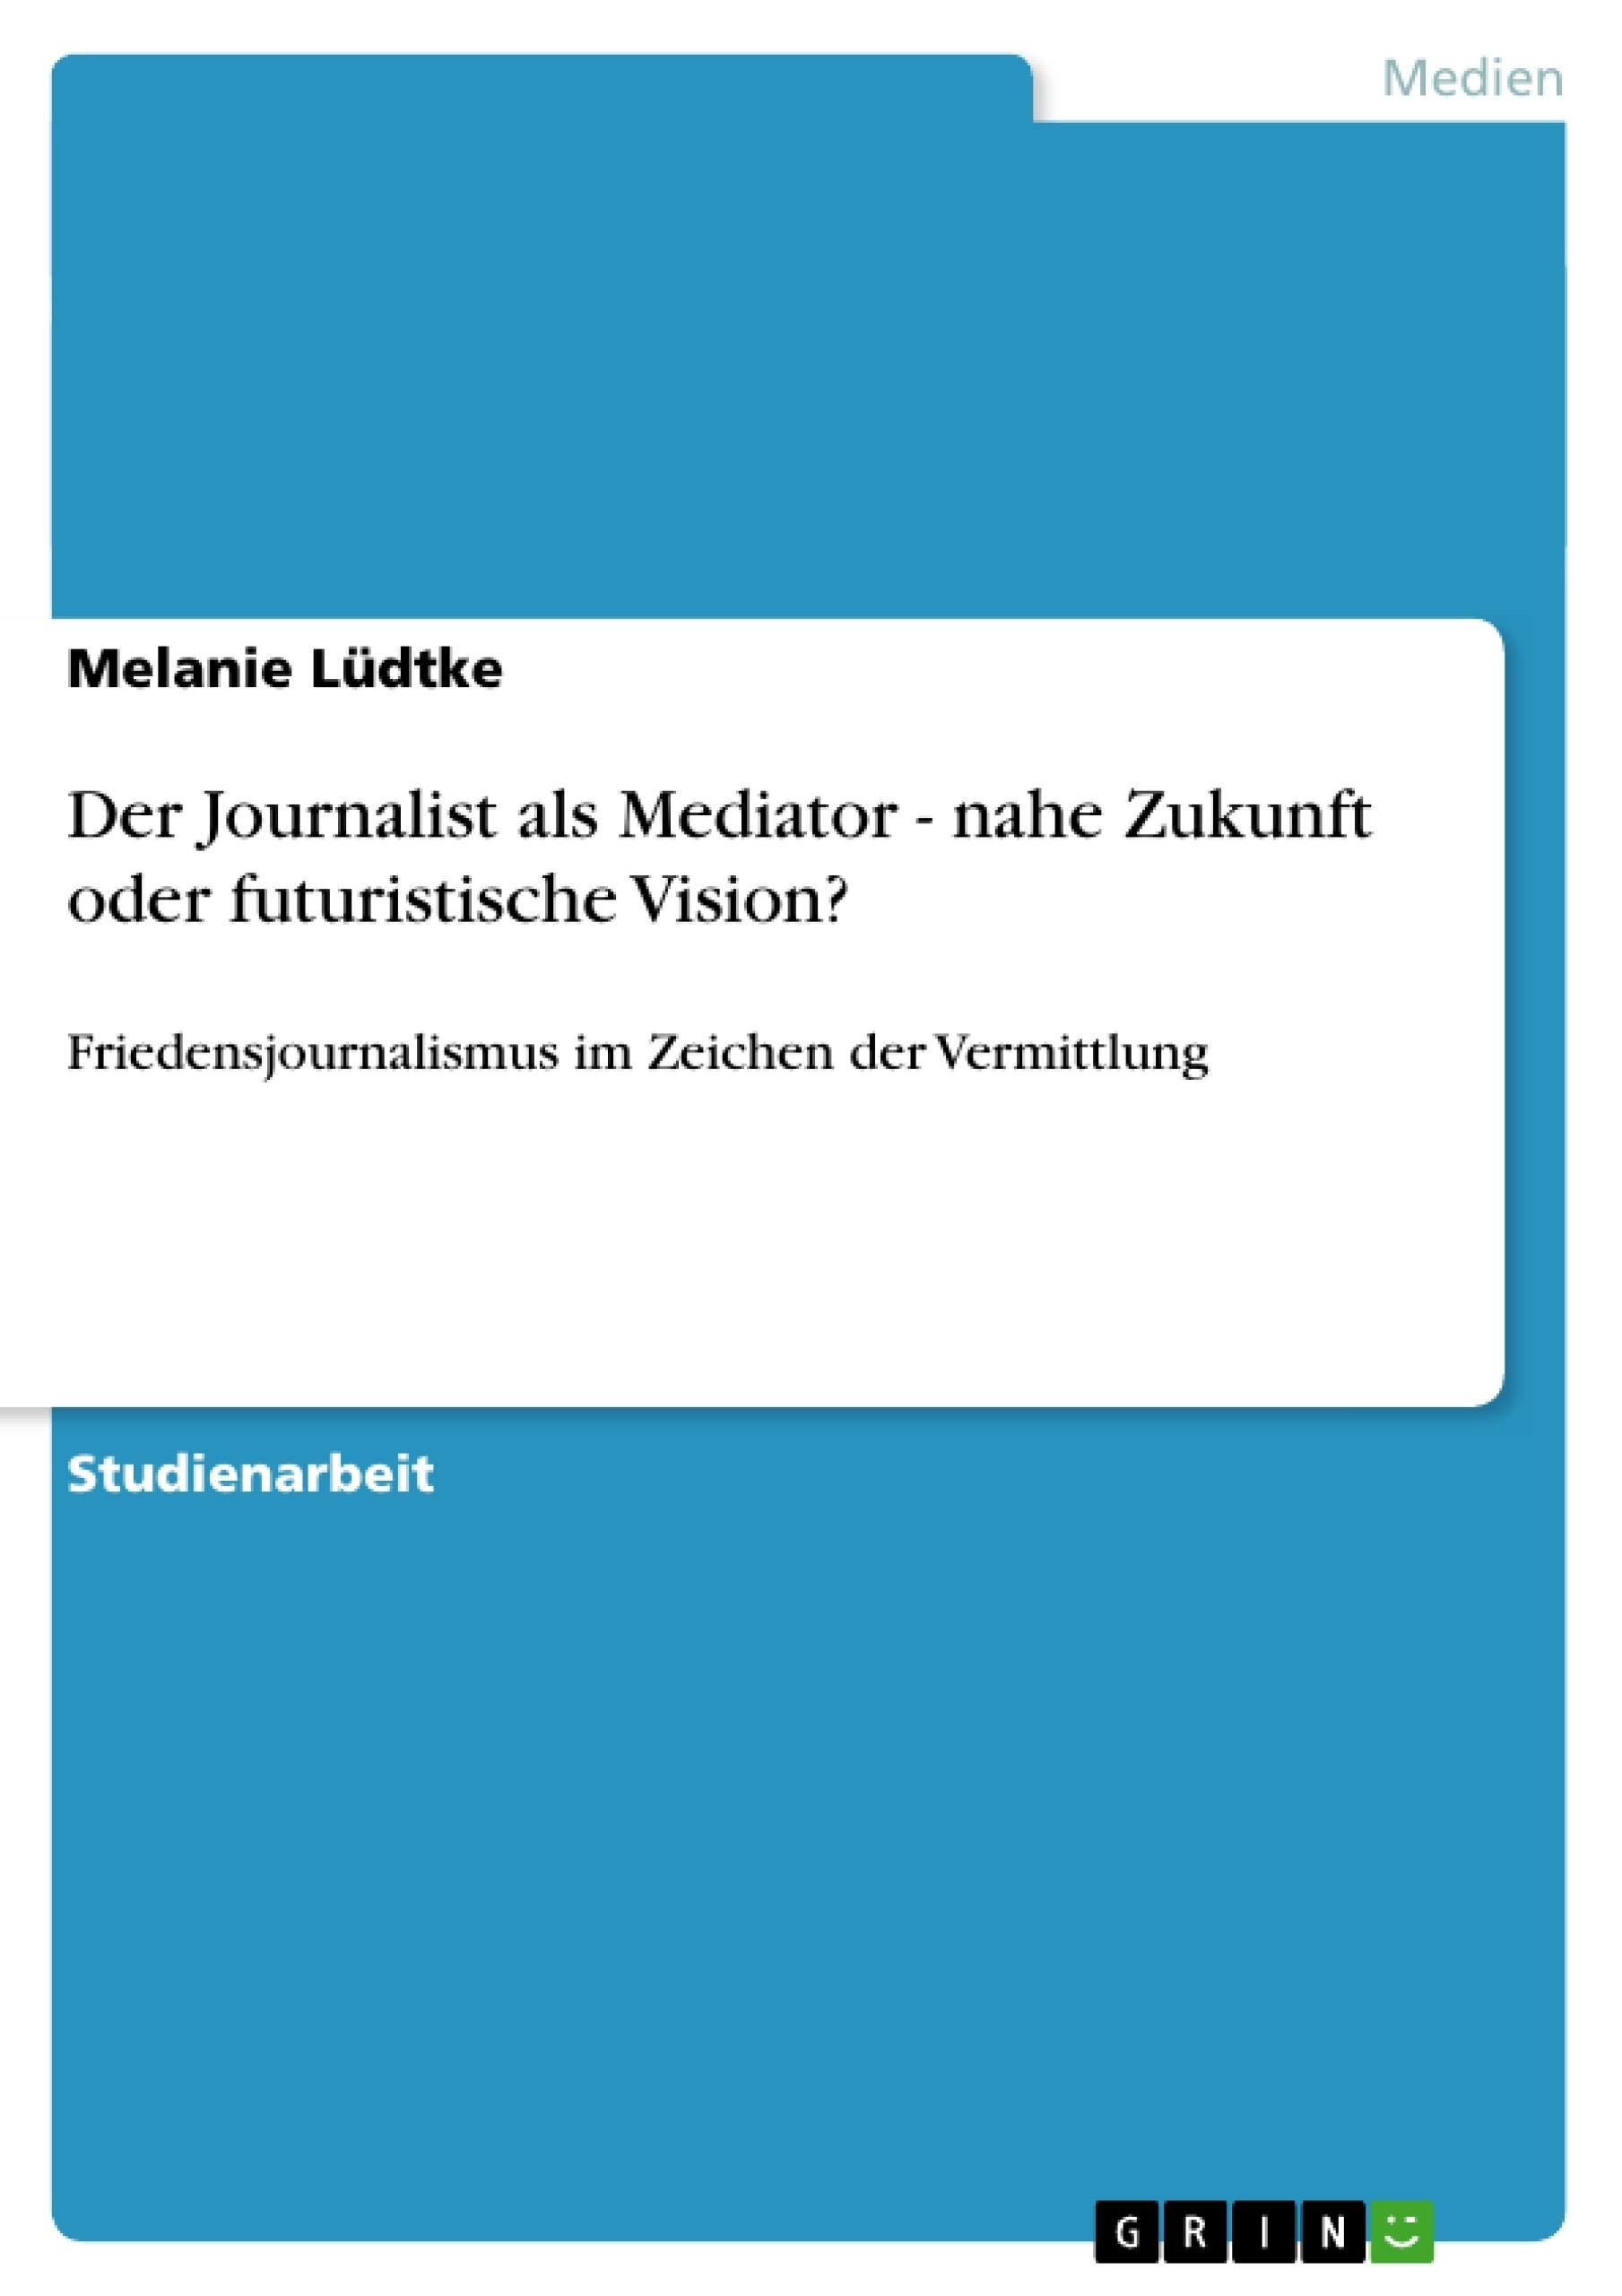 Titel: Der Journalist als Mediator - nahe Zukunft oder futuristische Vision?